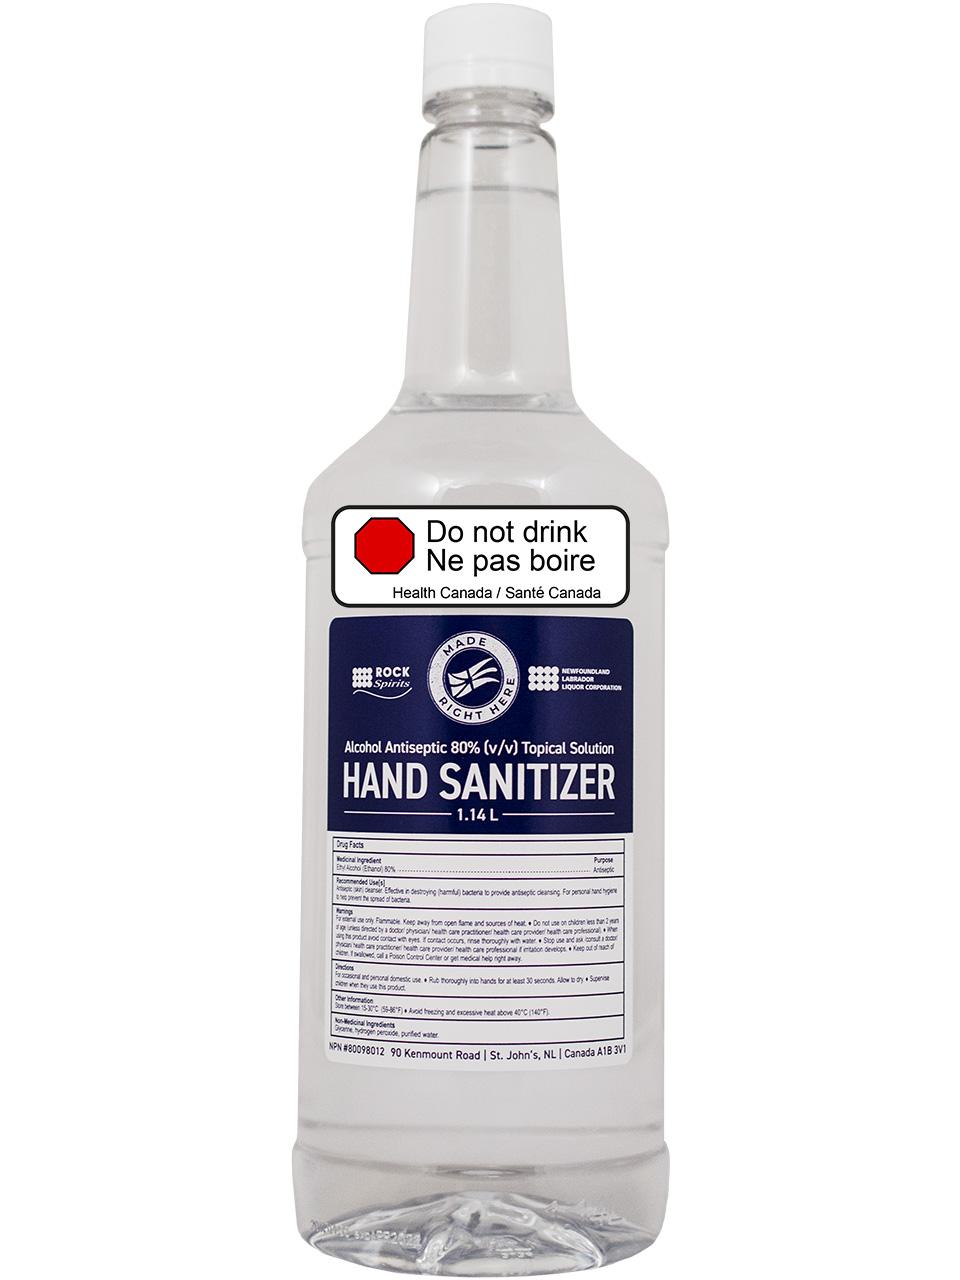 Alcohol Antiseptic 80% Hand Sanitizer